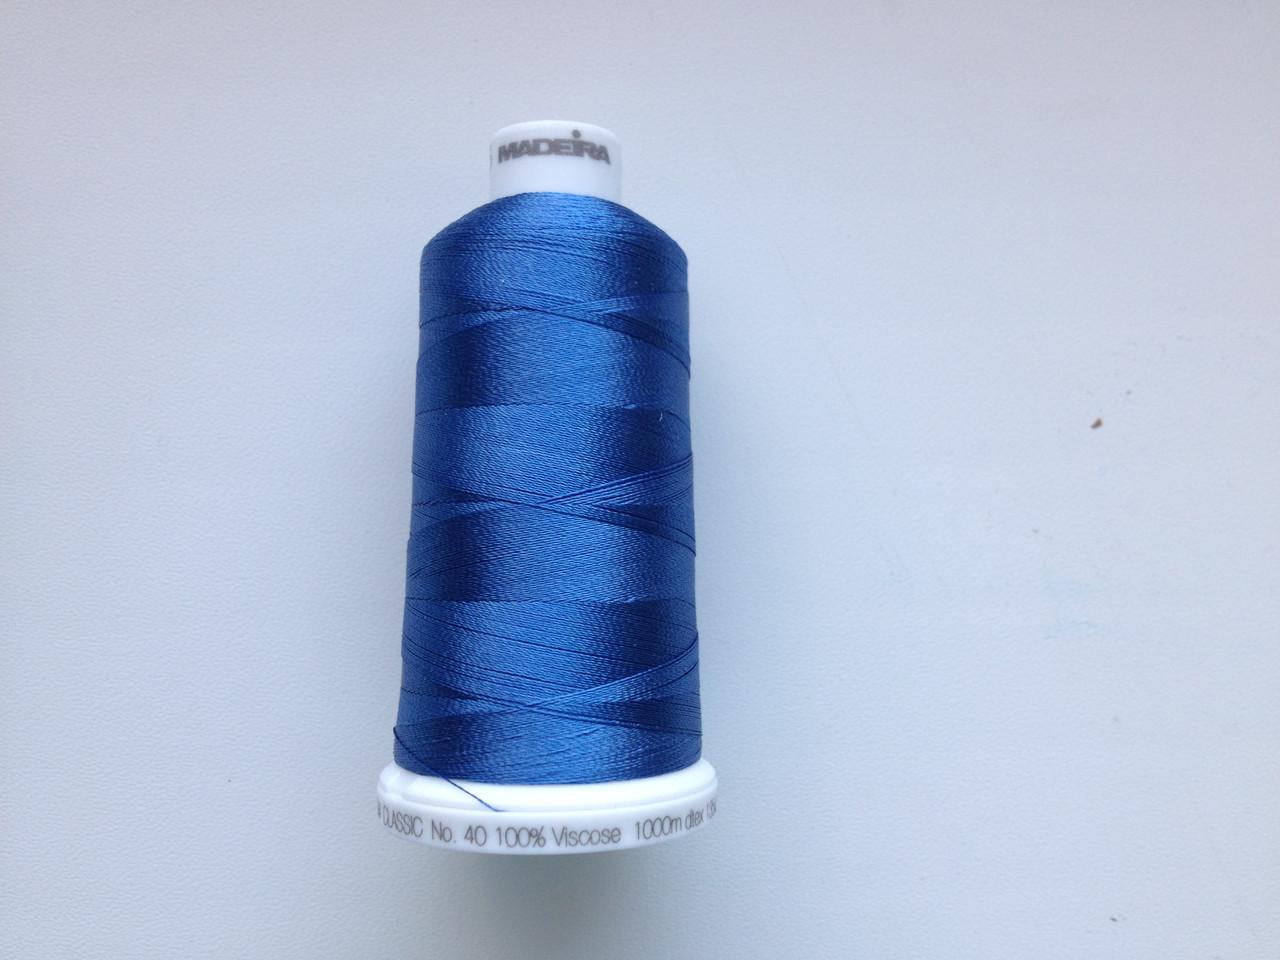 Нитки для машинной вышивки   Madeira Classic №40.  цвет 1175 ( СВЕТЛО - СИНИЙ ).  1000 м